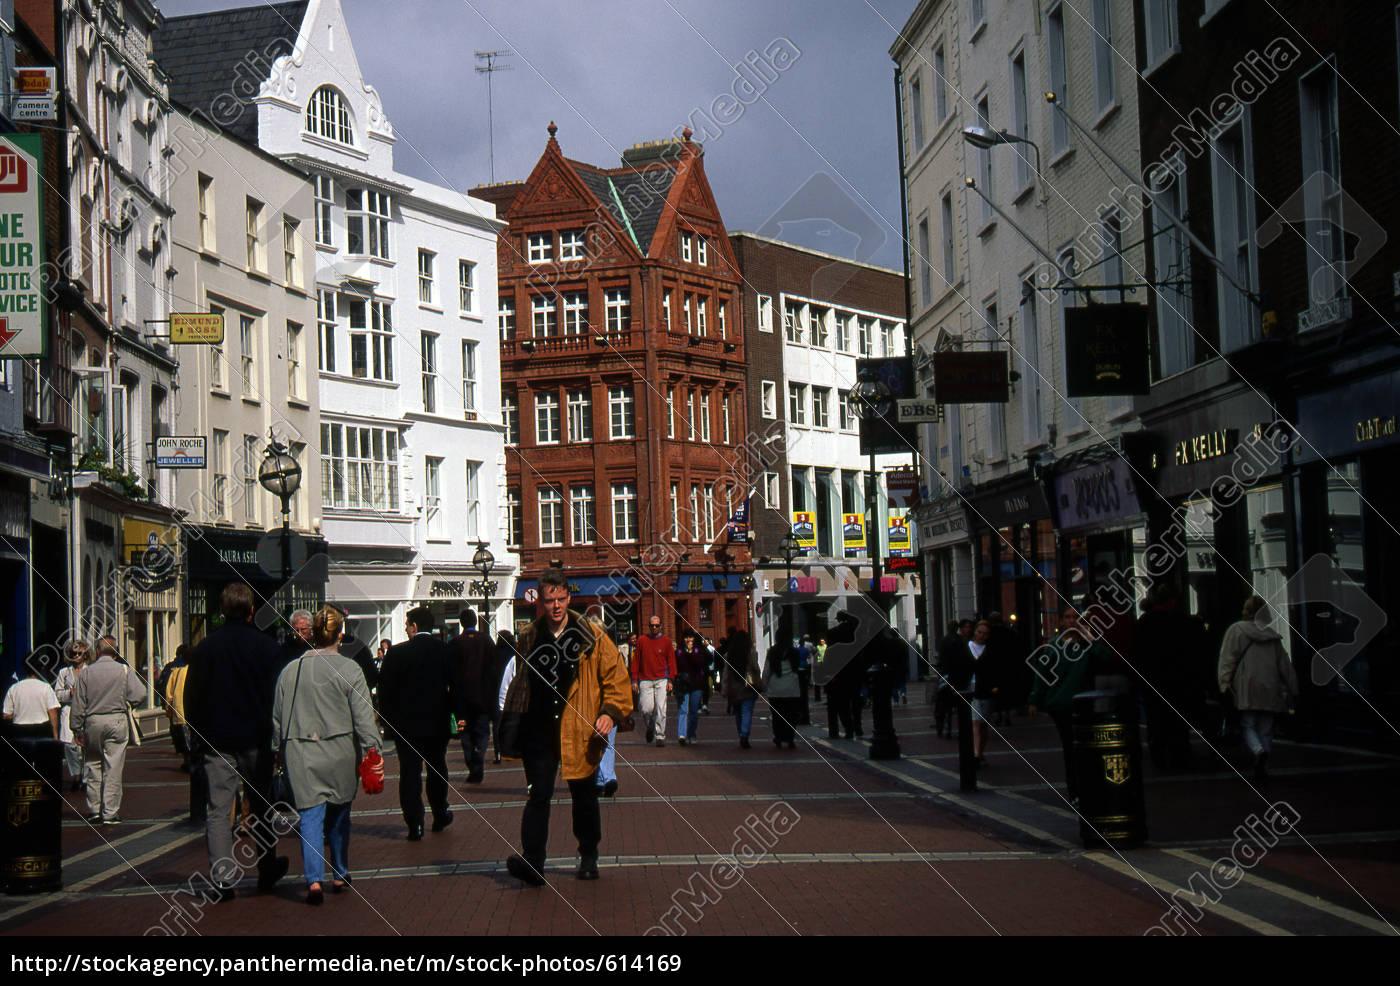 shopping, street, eu, 0499 - 614169